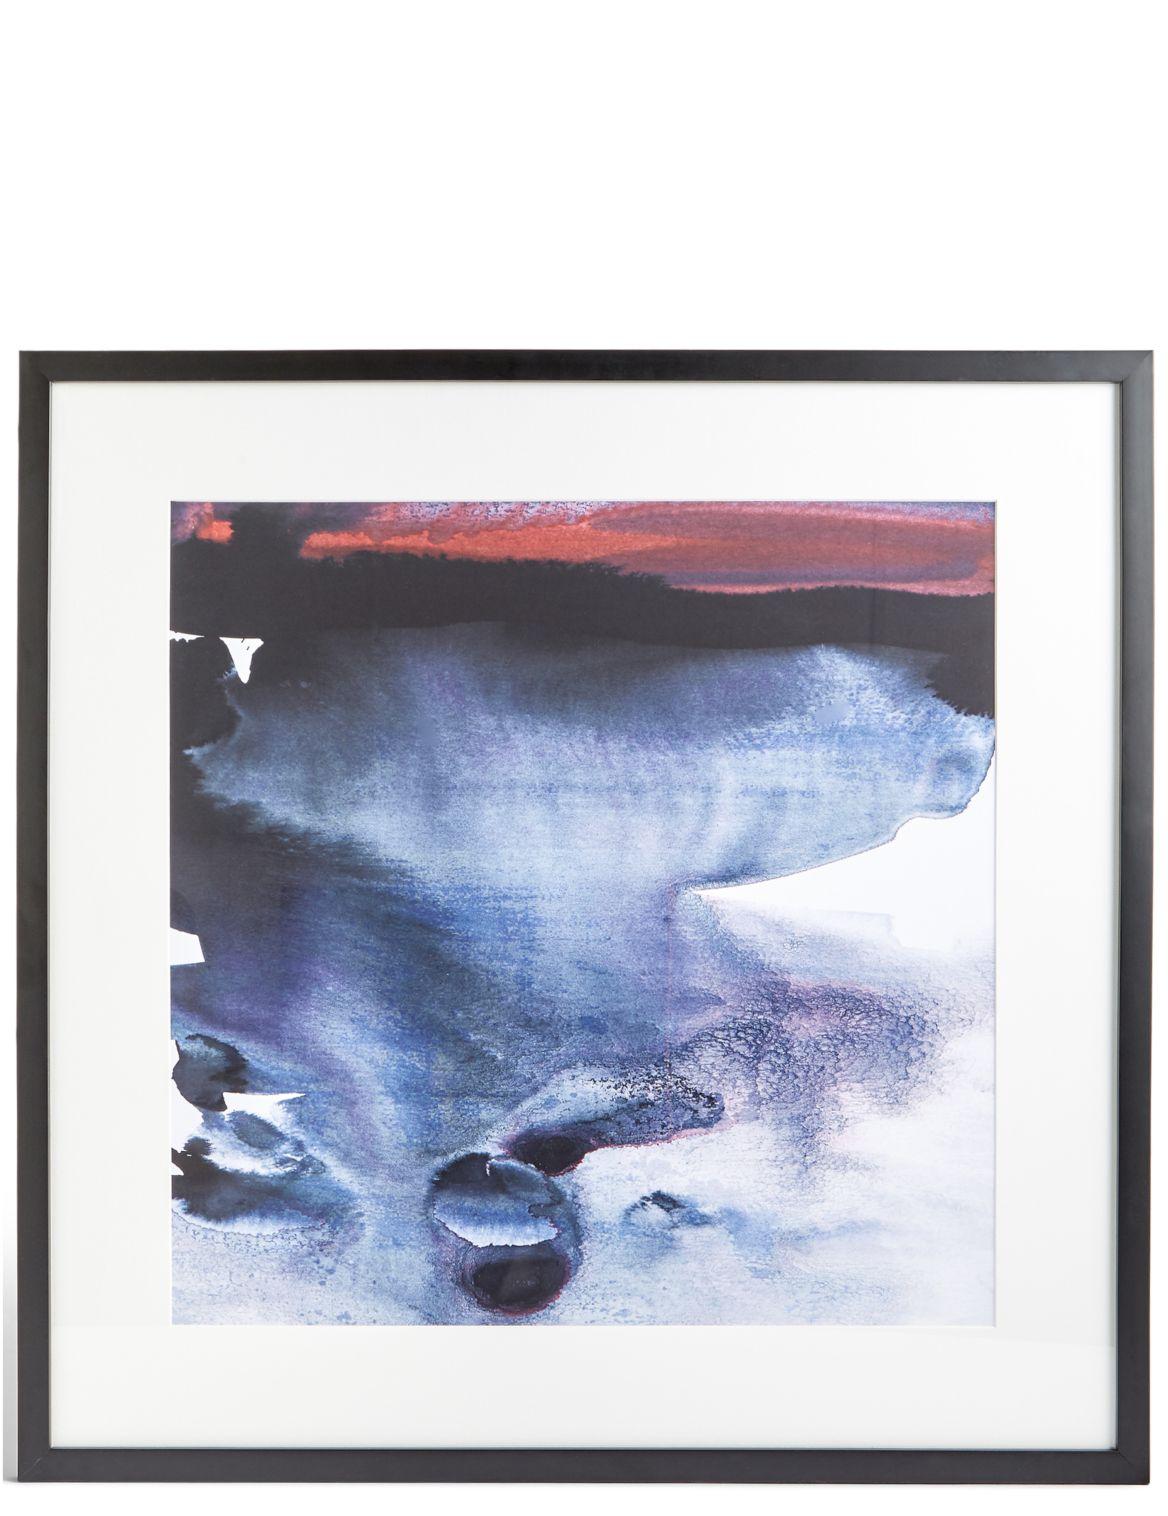 D??coration murale cr??puscule par Amy Sia. DimensionsHauteur:75 cm;Largeur:75 cm;Profondeur:2.5 cm;Fiche produitN??e en Australie Amy Sia est une art